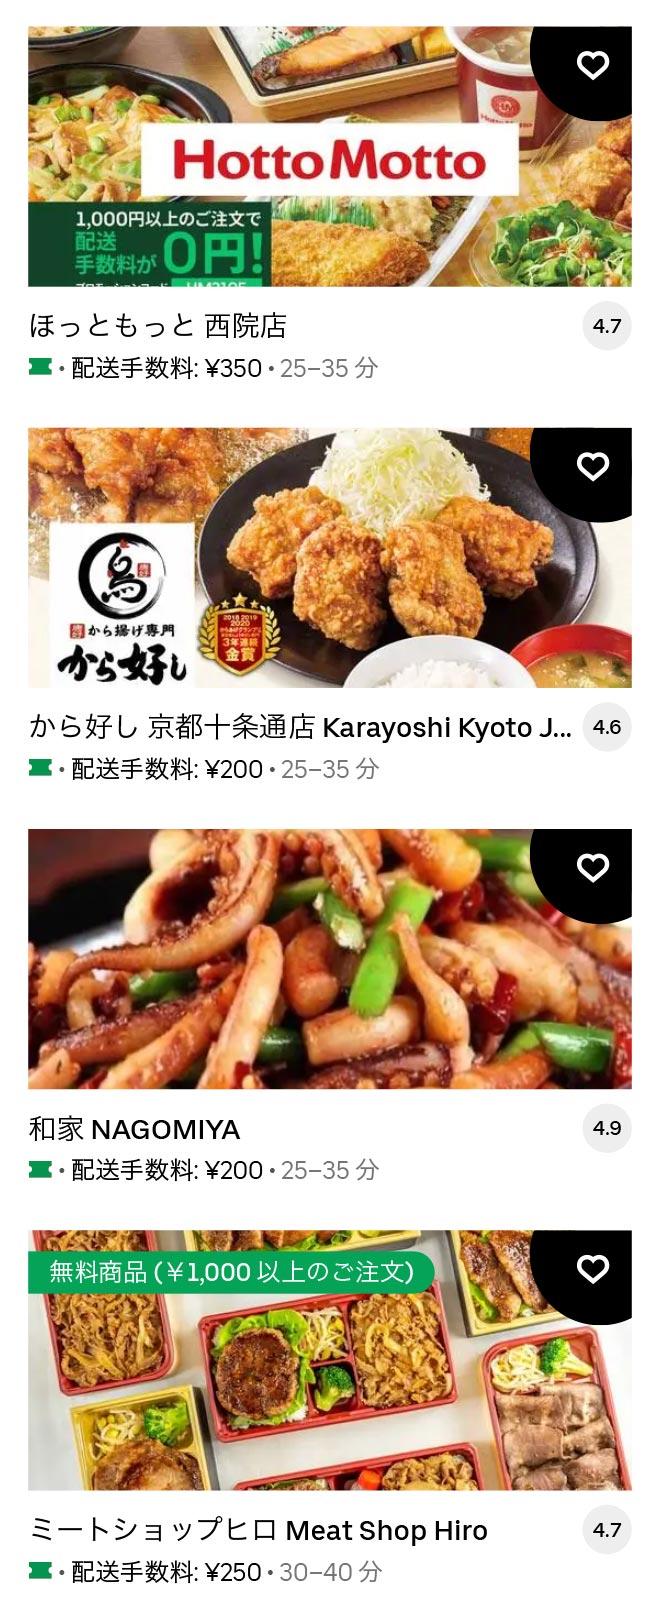 U kyoto 2105 06